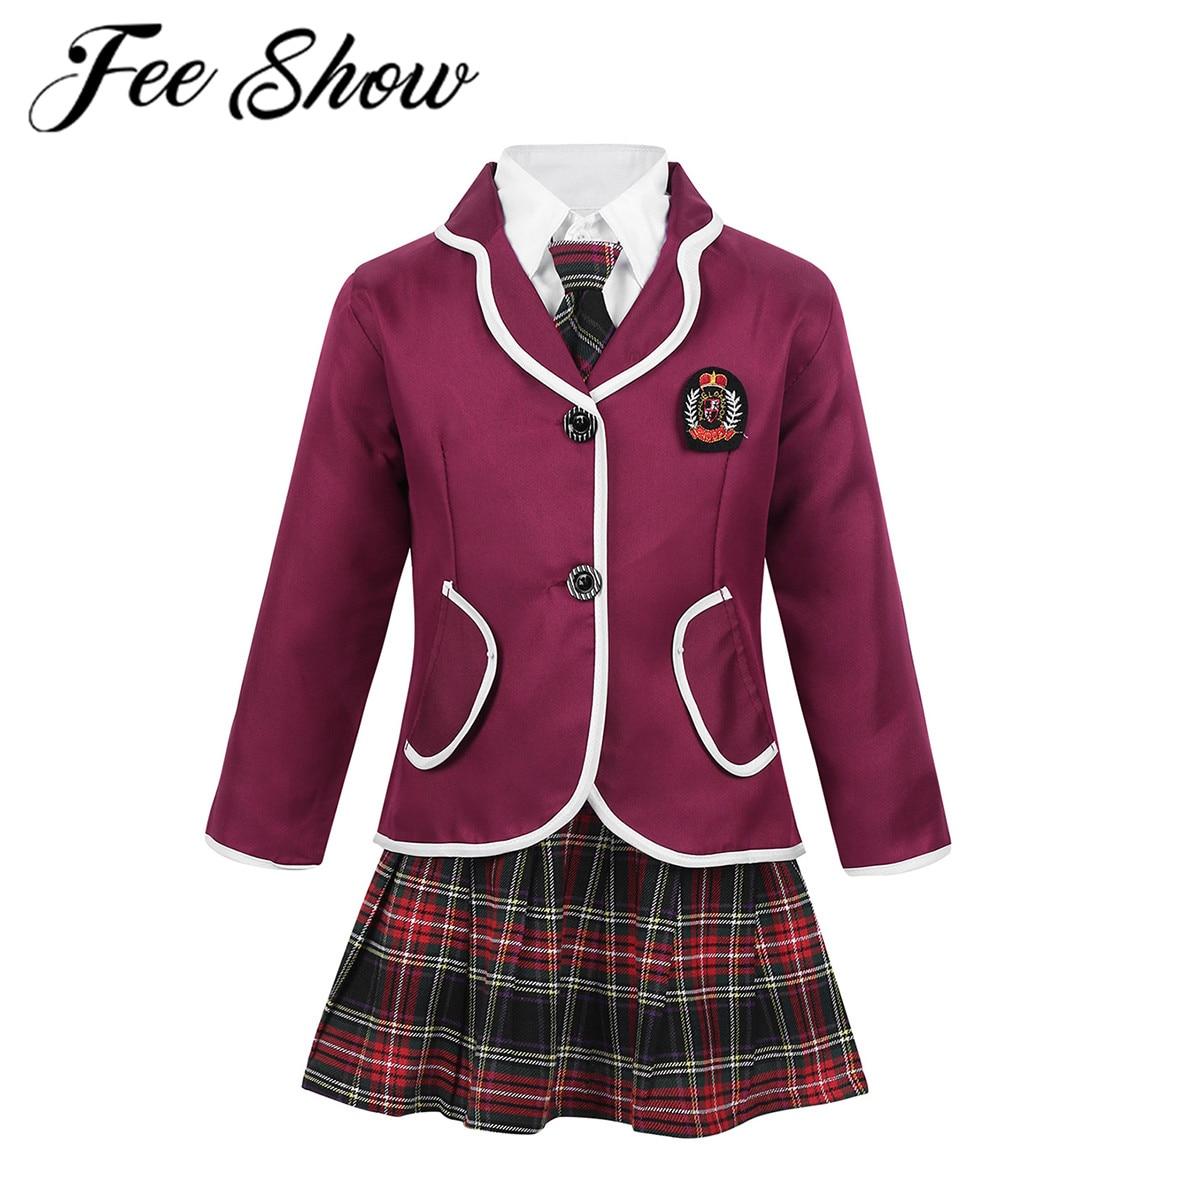 زي مدرسي بريطاني للفتيات الصغيرات ، زي طالب أنيمي ياباني ، بدلة معطف وياقة مقلوبة ، قميص ، ربطة عنق ، تنورة صغيرة